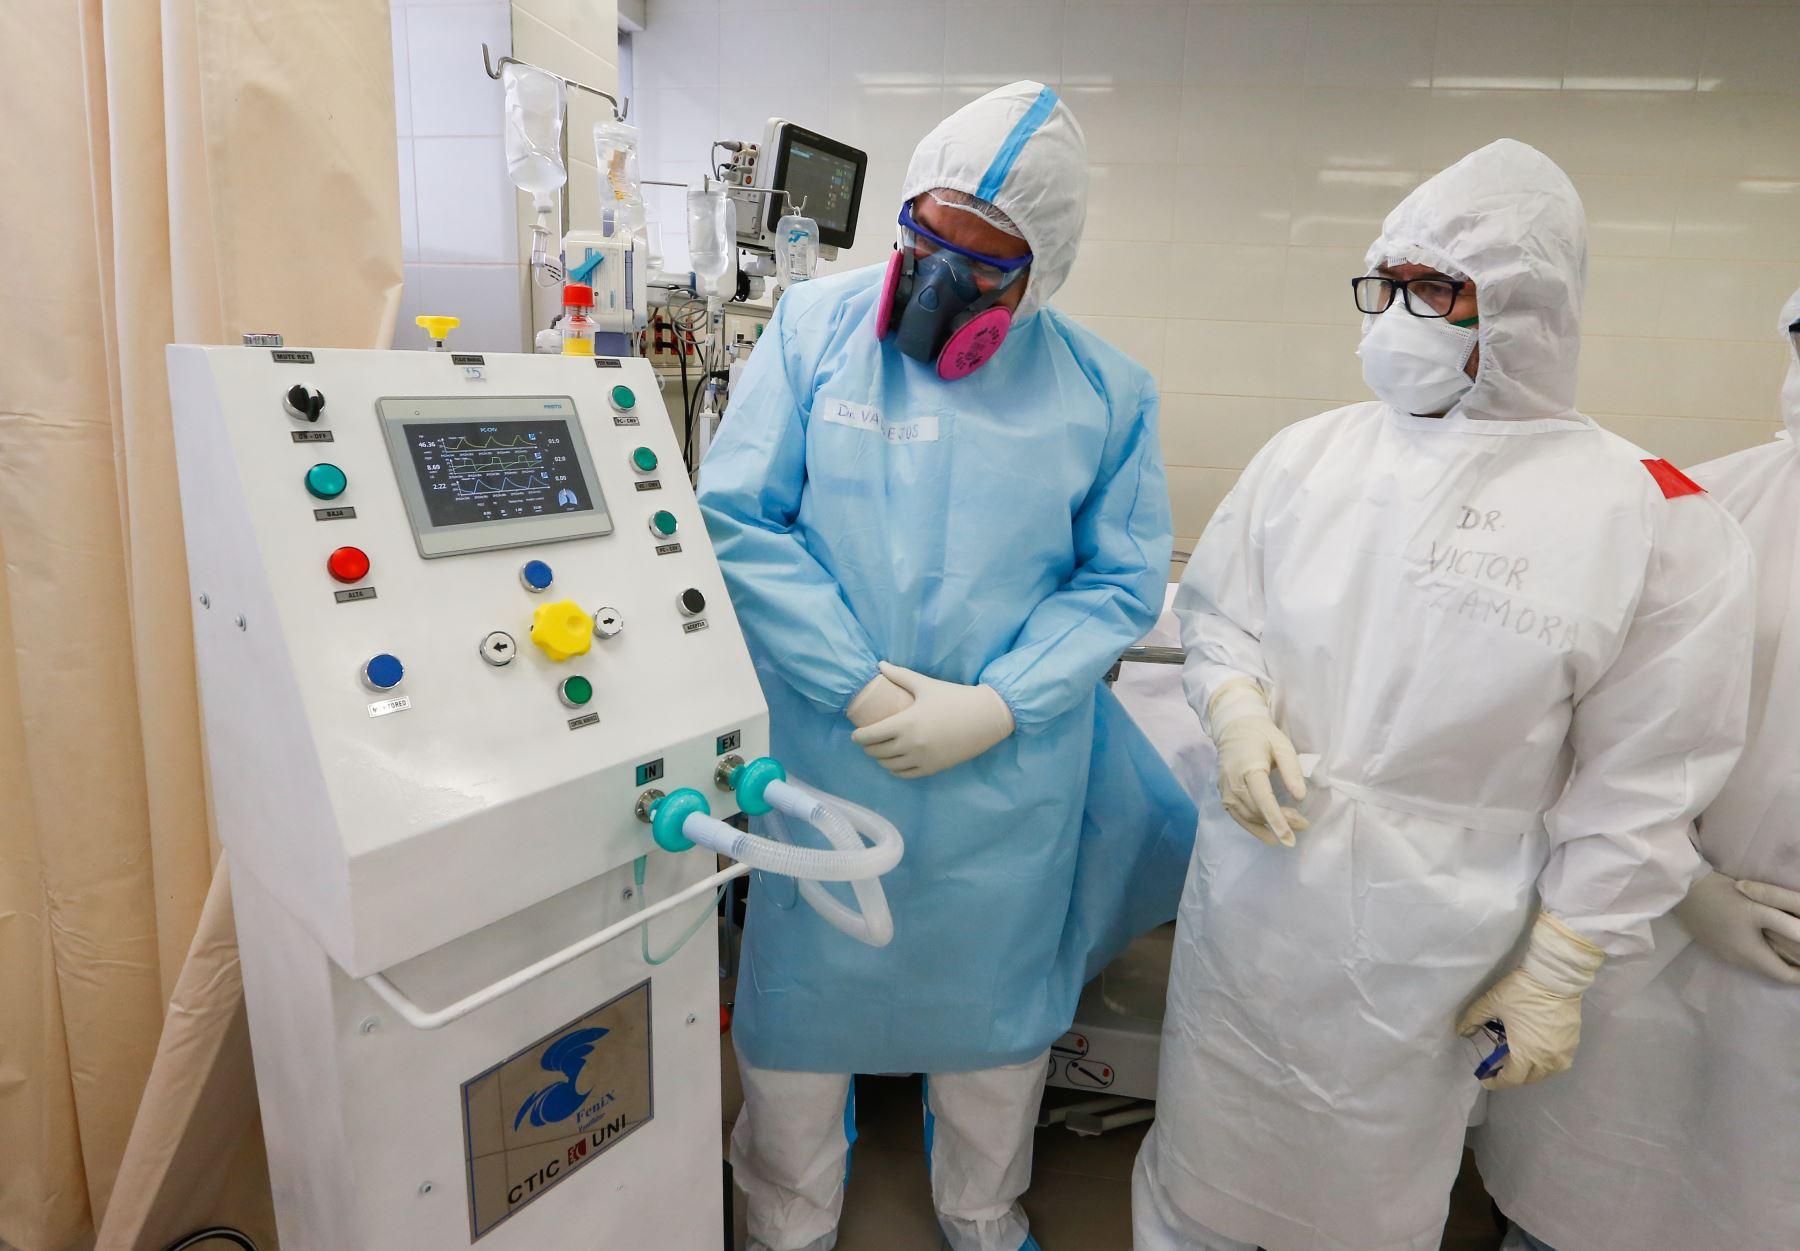 """Ministerio de Salud  y Universidad Nacional de Ingeniería  presentan ventilador mecánico """"FéniX"""" para asistir a pacientes covid-19. Foto: Minsa"""